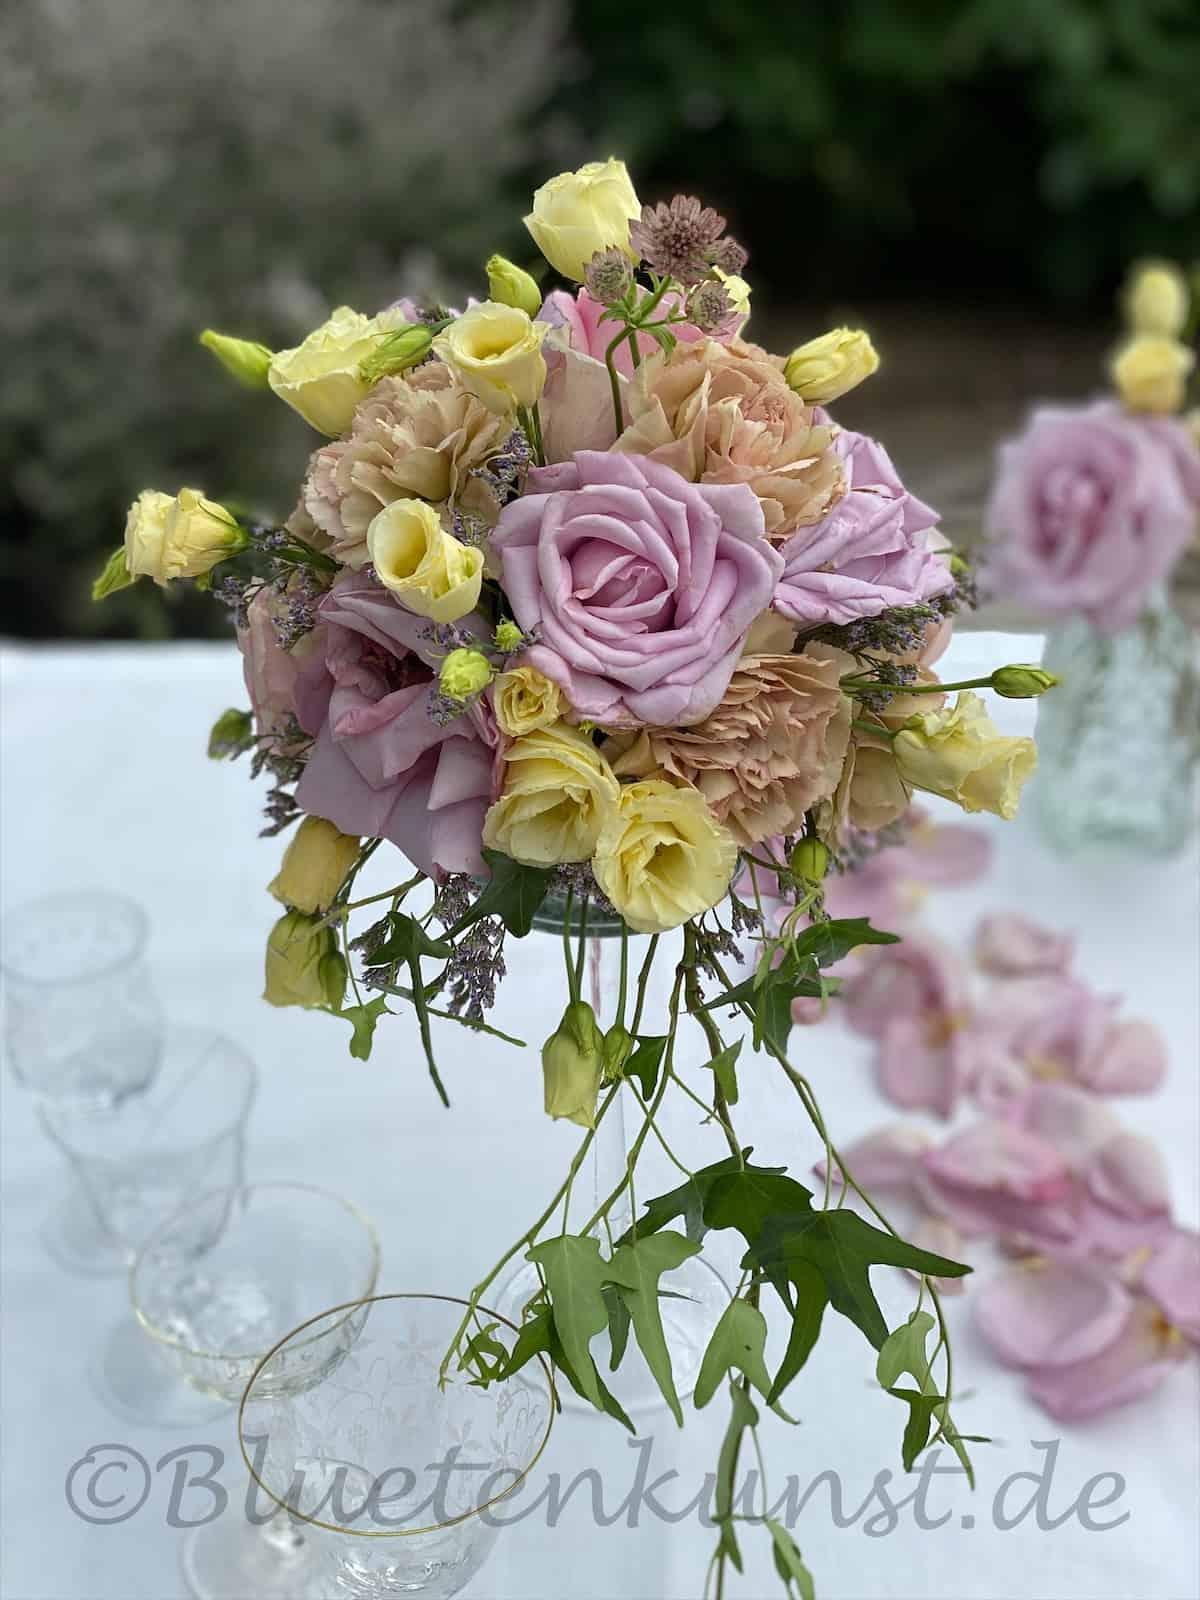 Eventfloristik Tischdeko Die Rosenkugel auf schwindliger Höhe fliederfarbene und rosa Rosen mit Lisianthus für Vintage Hochzeit in Ingolstadt